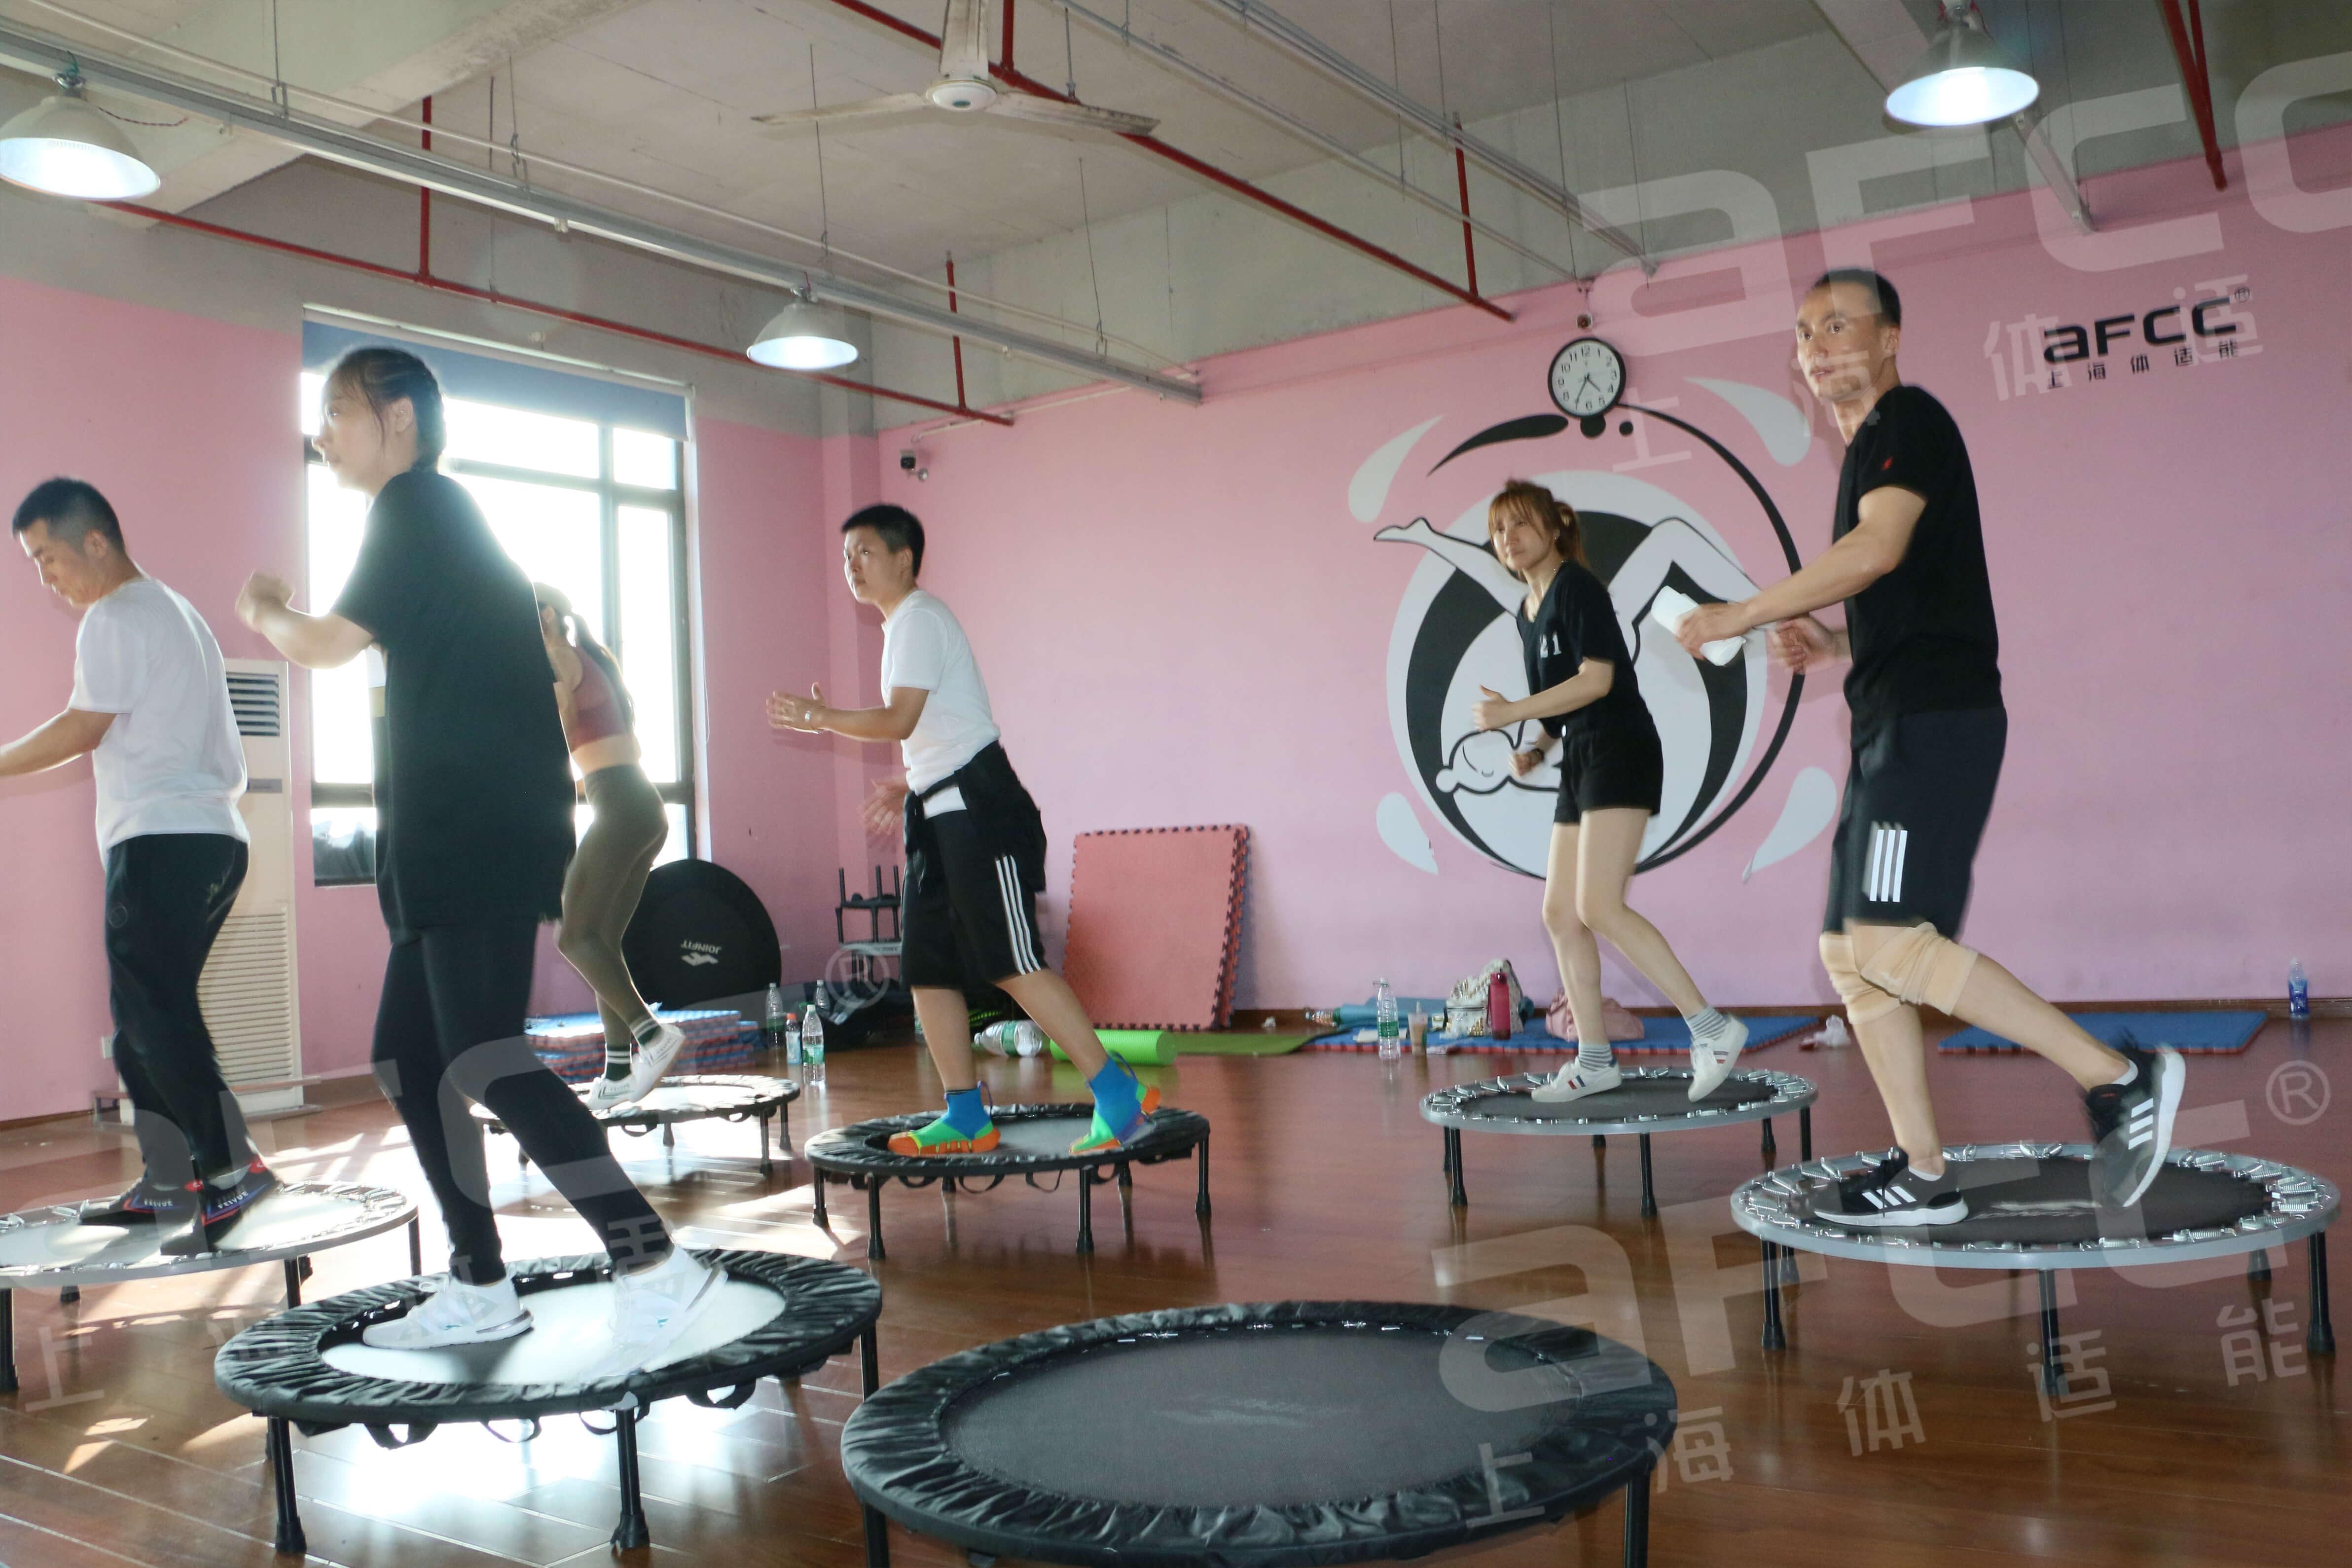 活力DANCE使用的是类似高空弹跳的弹跳绳